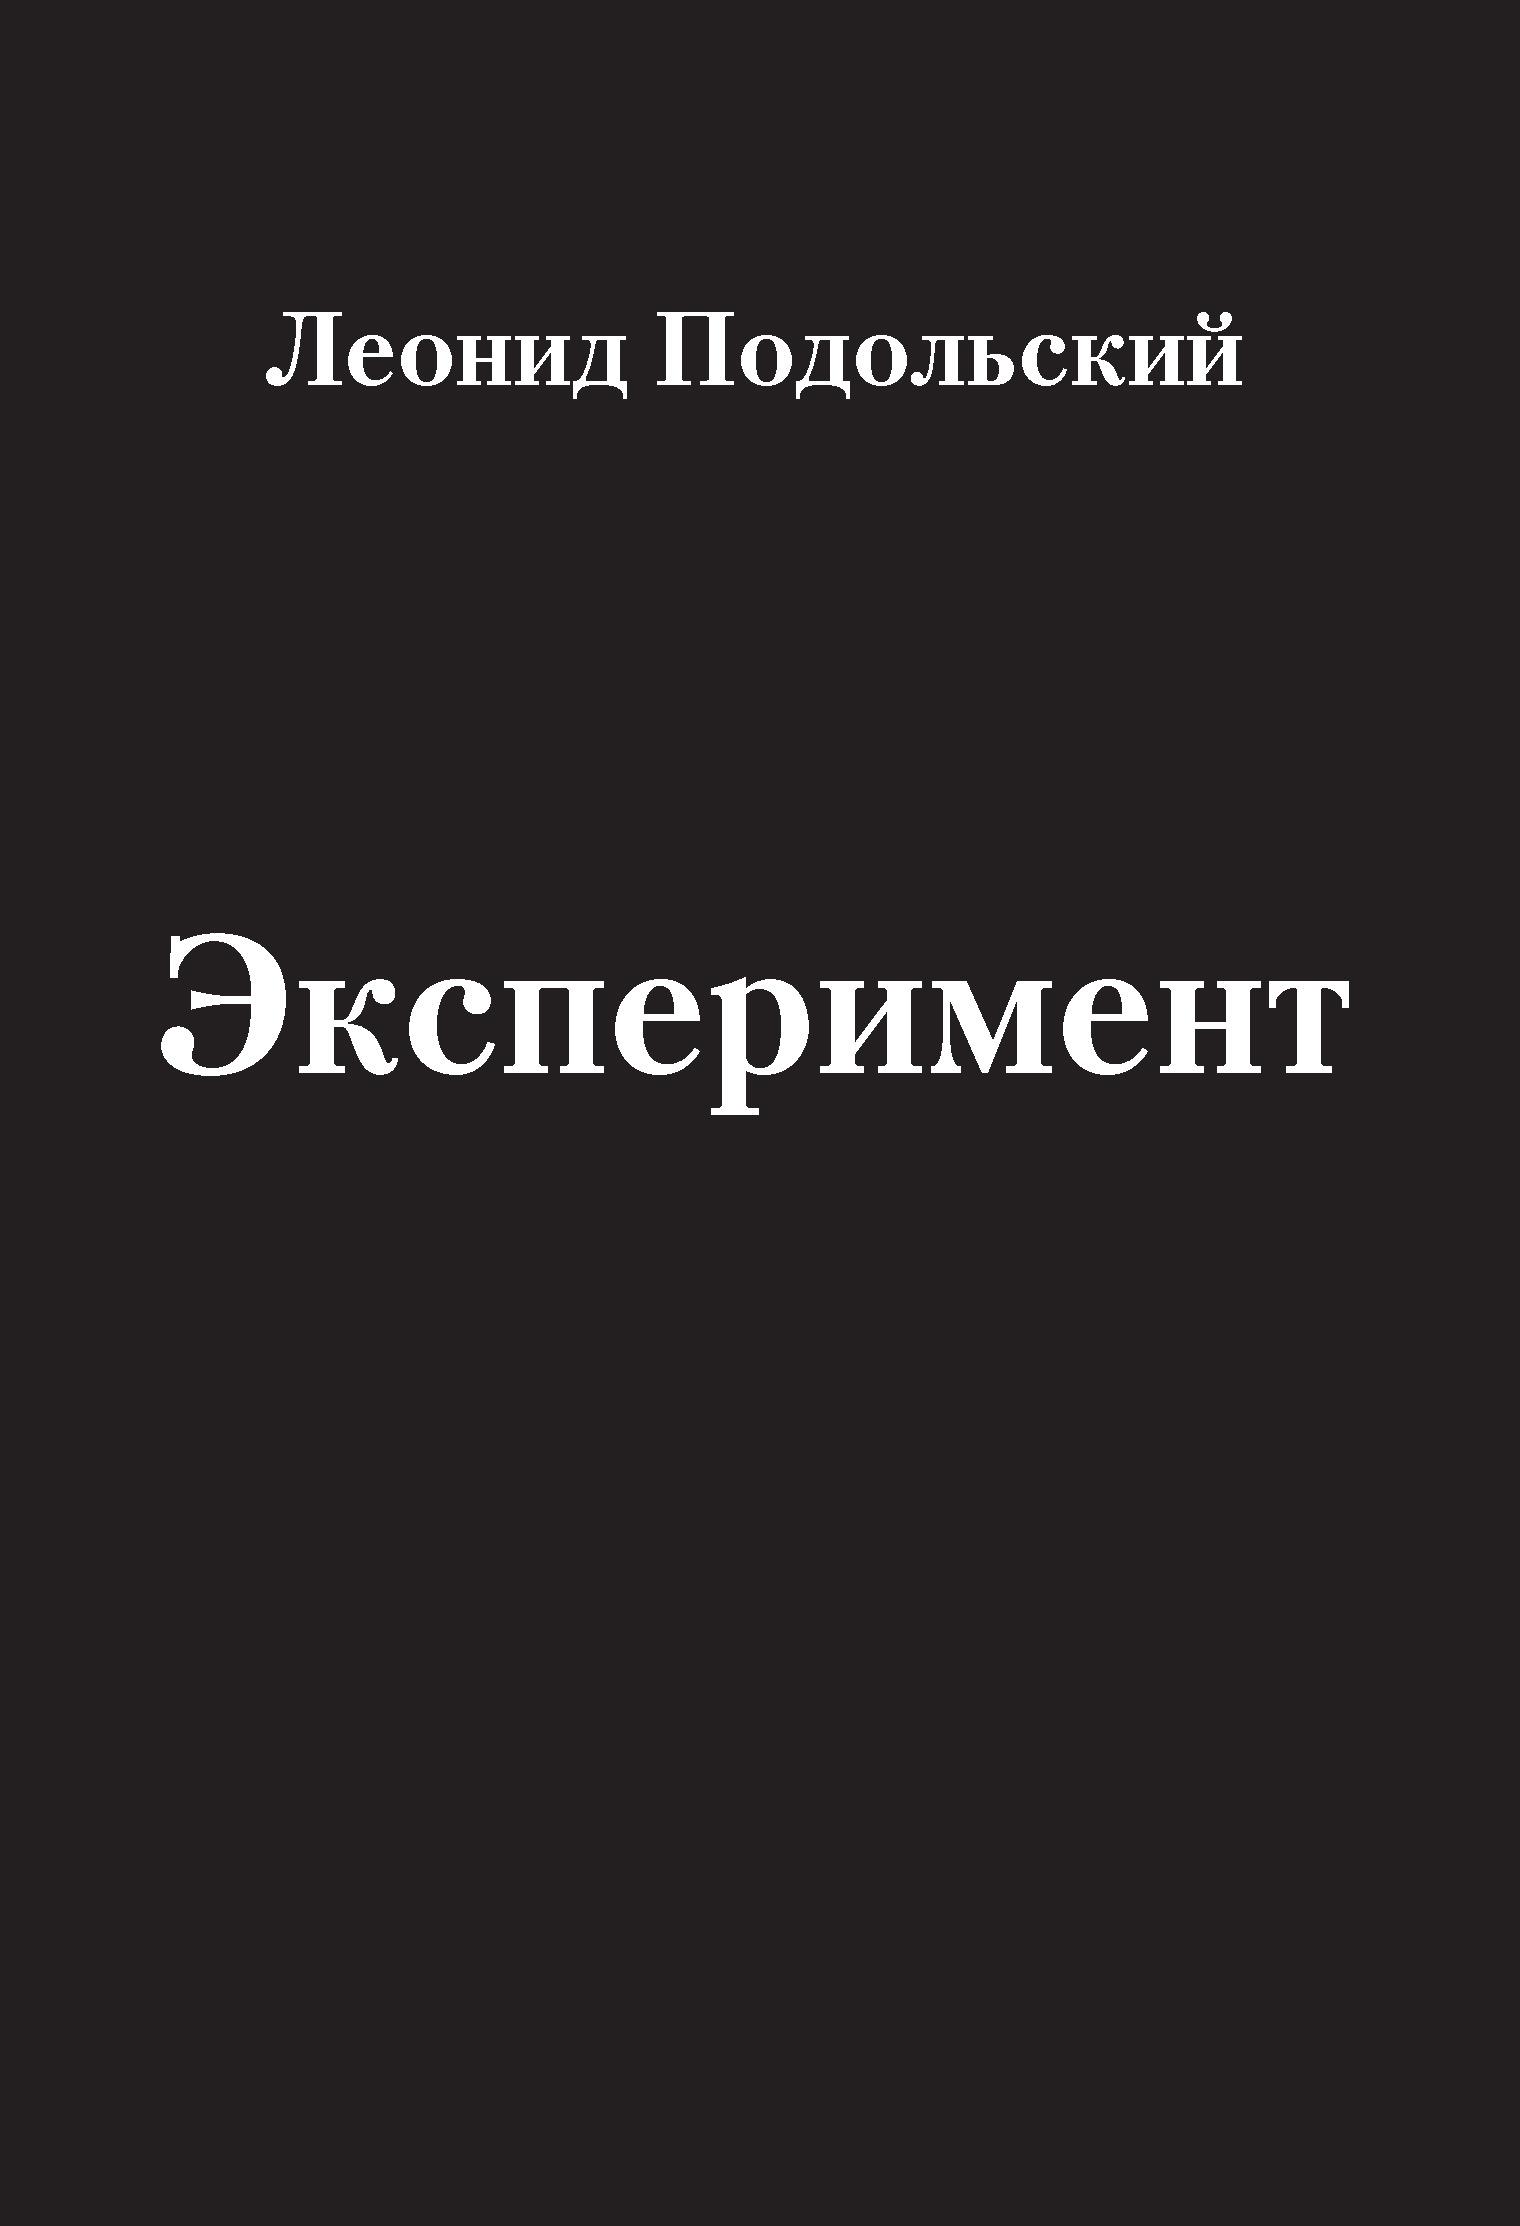 Леонид Подольский Эксперимент (сборник) леонид подольский судьба сборник прозы